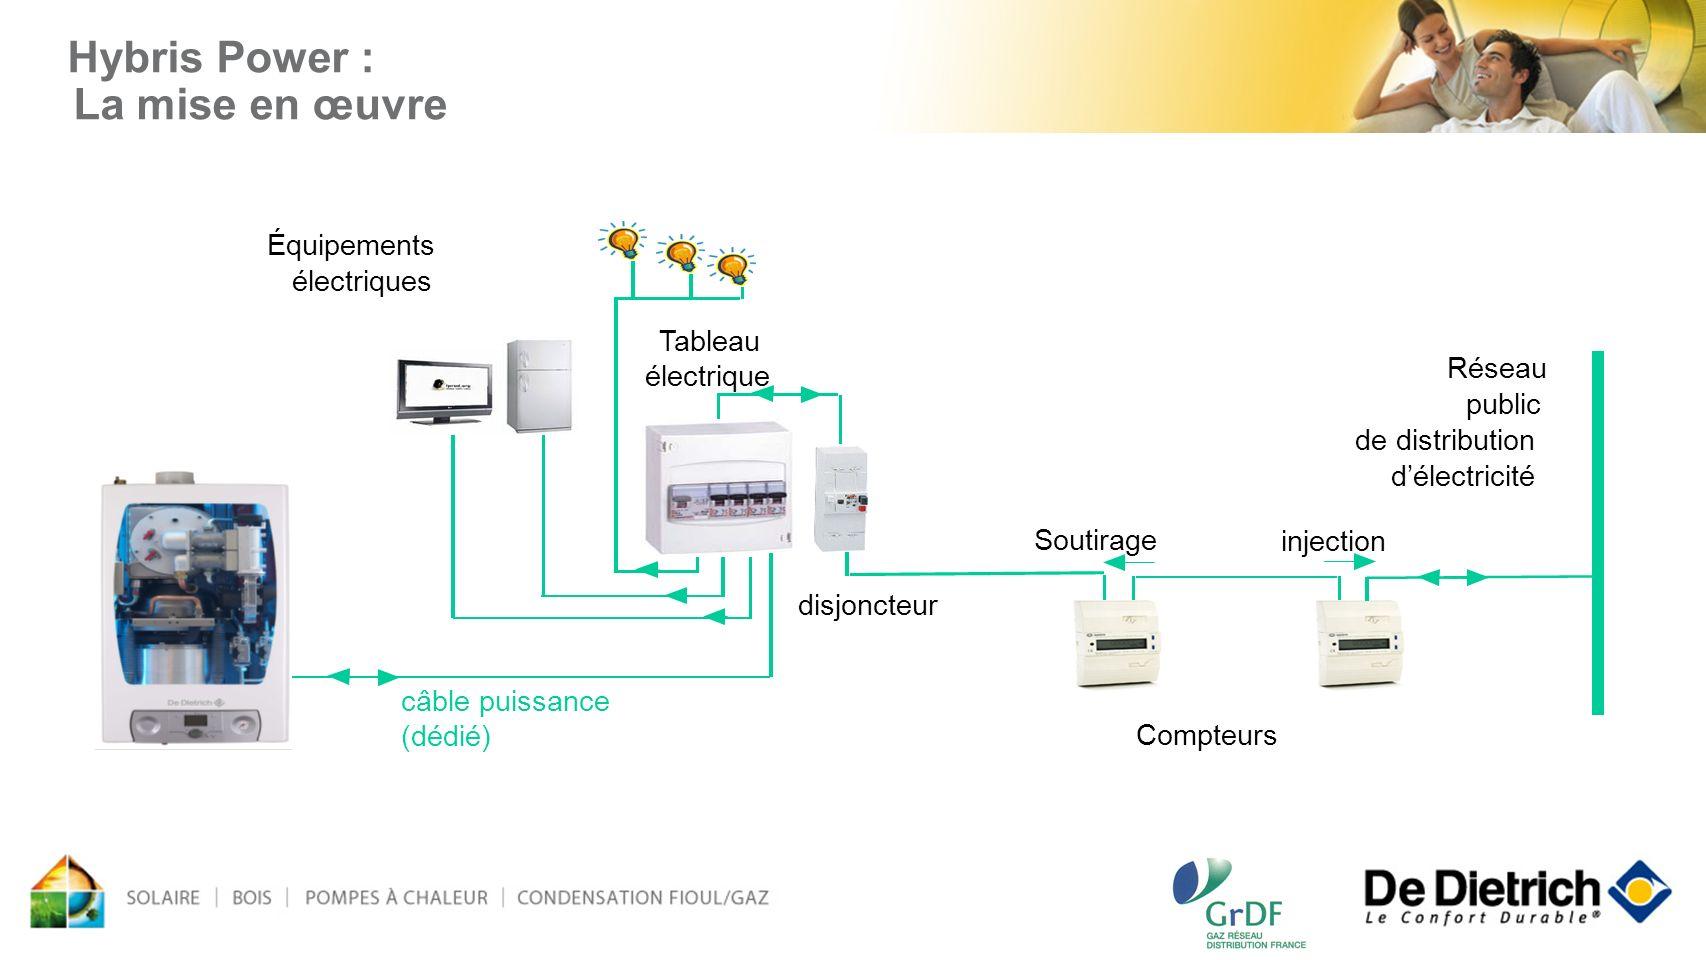 Tableau électrique Réseau public de distribution délectricité Compteurs Soutirage injection disjoncteur câble puissance (dédié) Équipements électrique